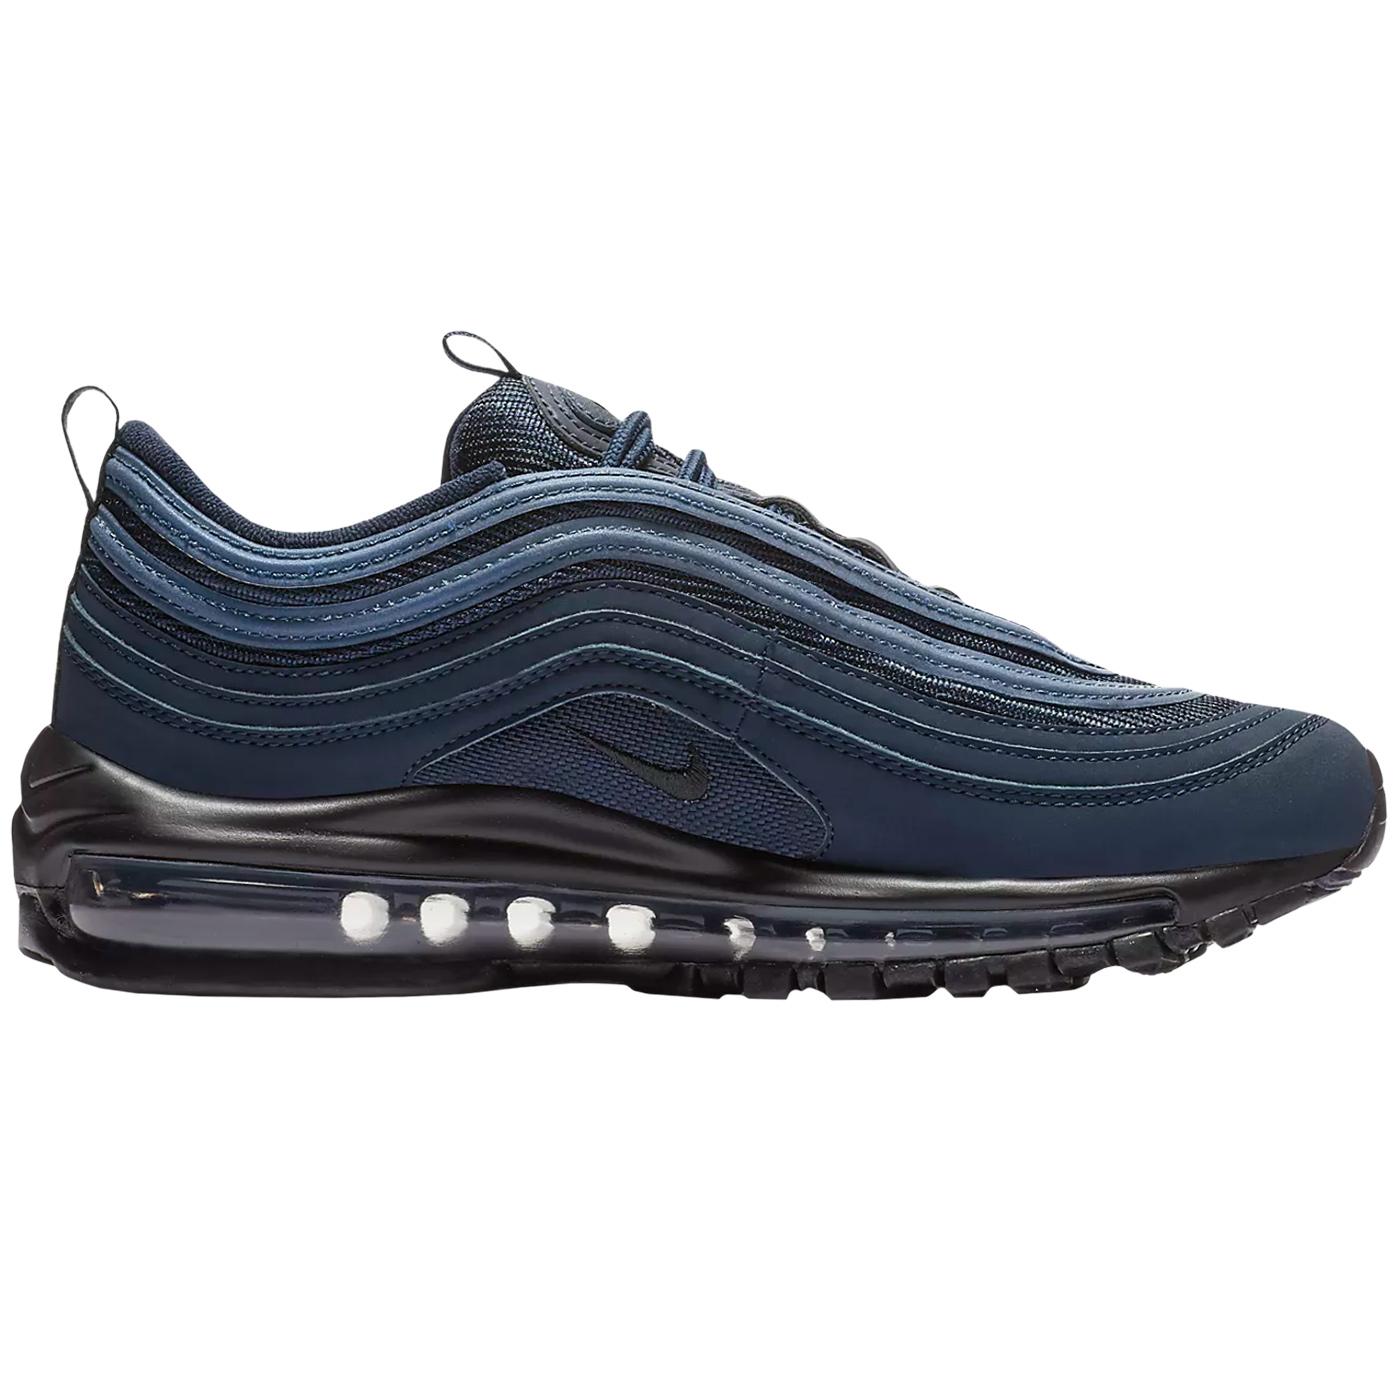 c49ff3a7110980 Nike Air Max 97 (GS) Sneaker blau schwarz 921522 403